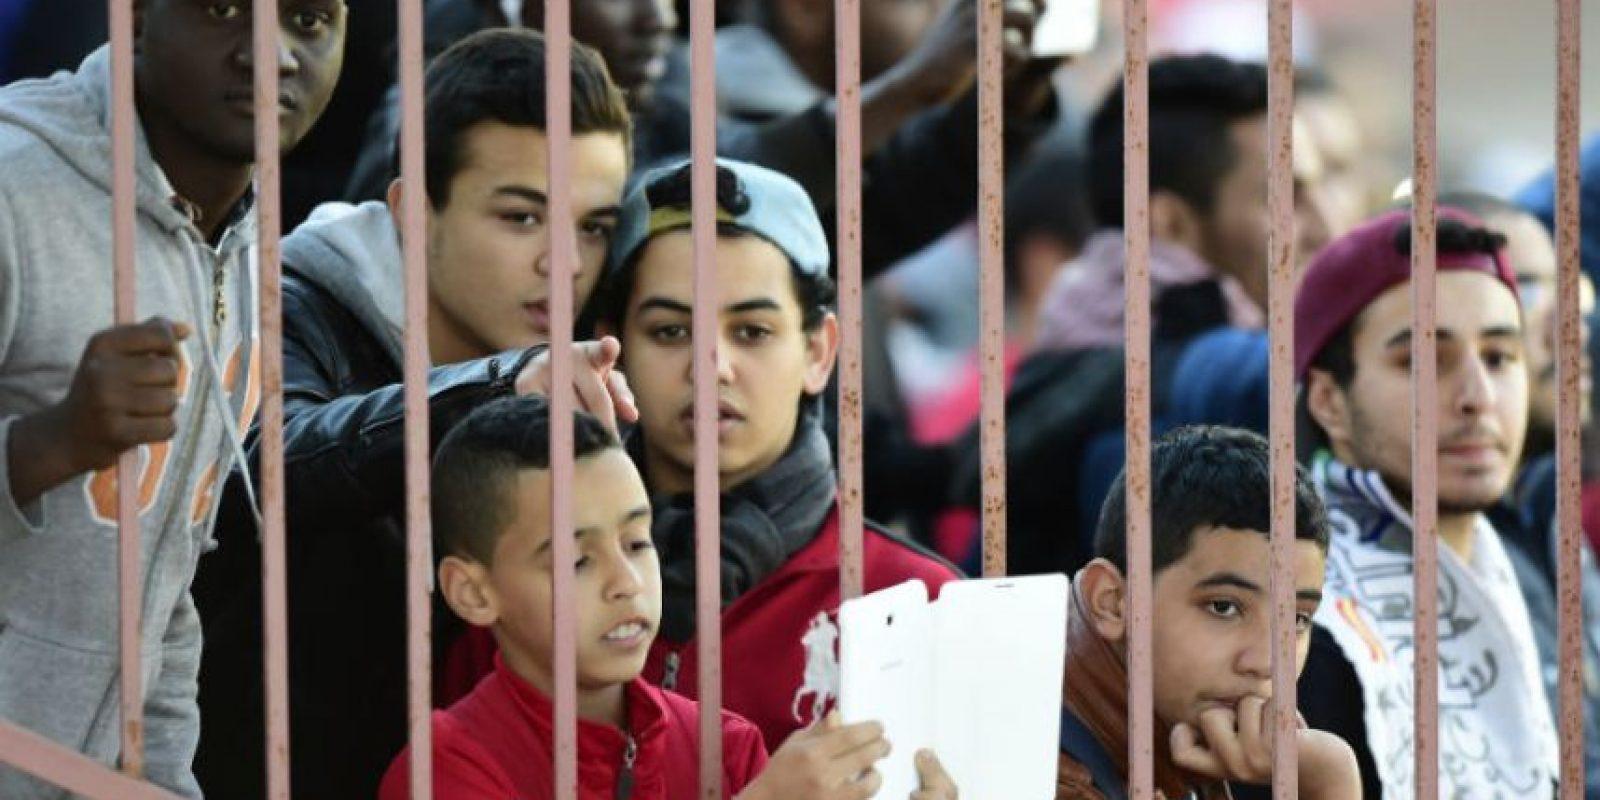 La afición esperó ansioso ver el entrenamiento del Real Madrid y sus estrellas. Foto:AFP